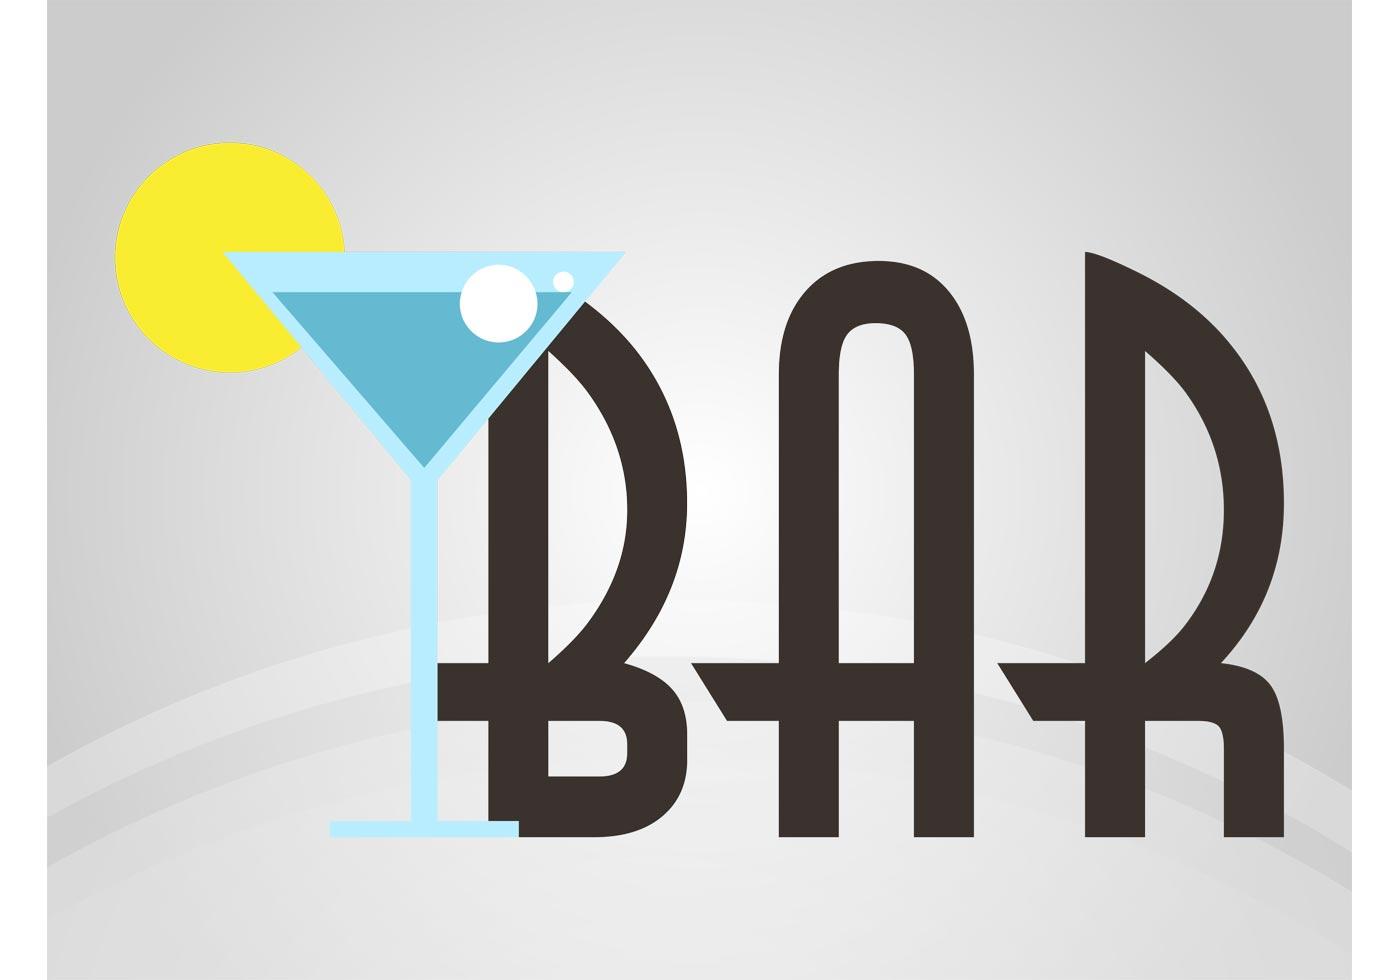 bar text art